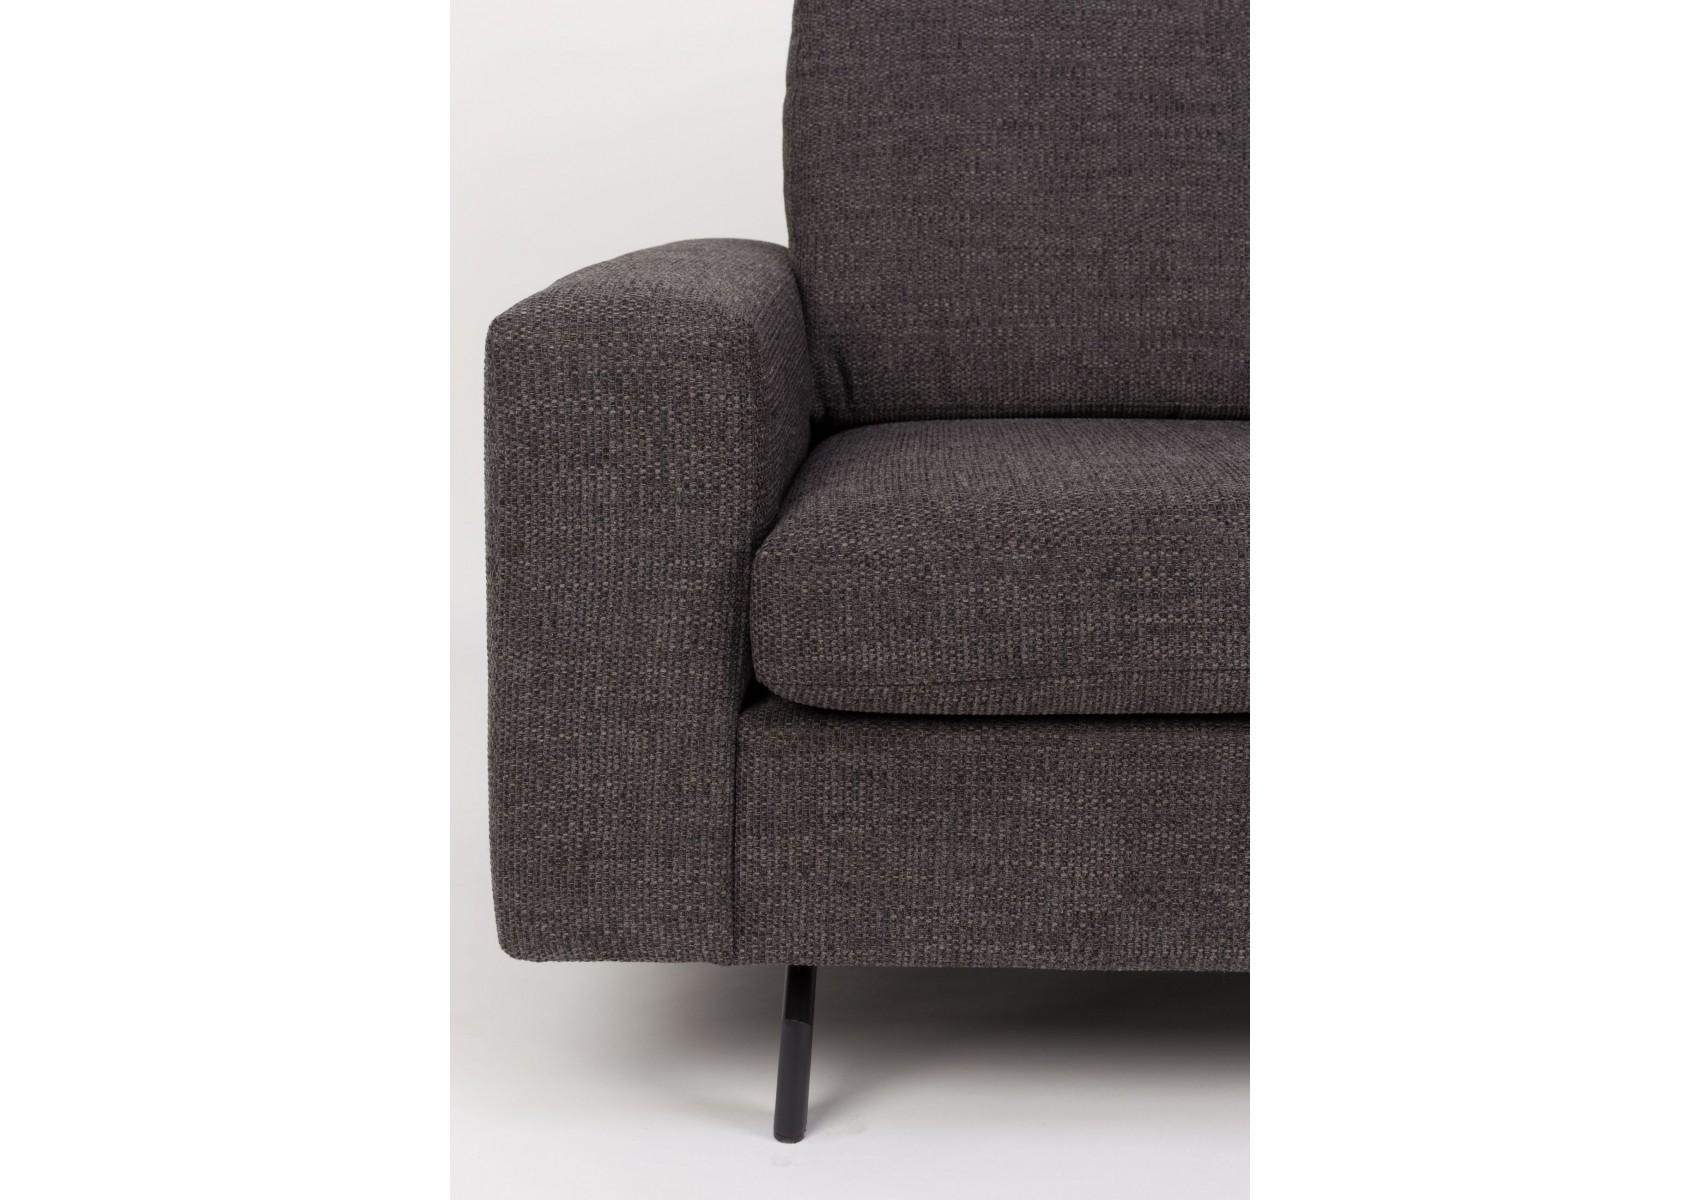 canap design anthracite de la collection jean de chez zuiver. Black Bedroom Furniture Sets. Home Design Ideas